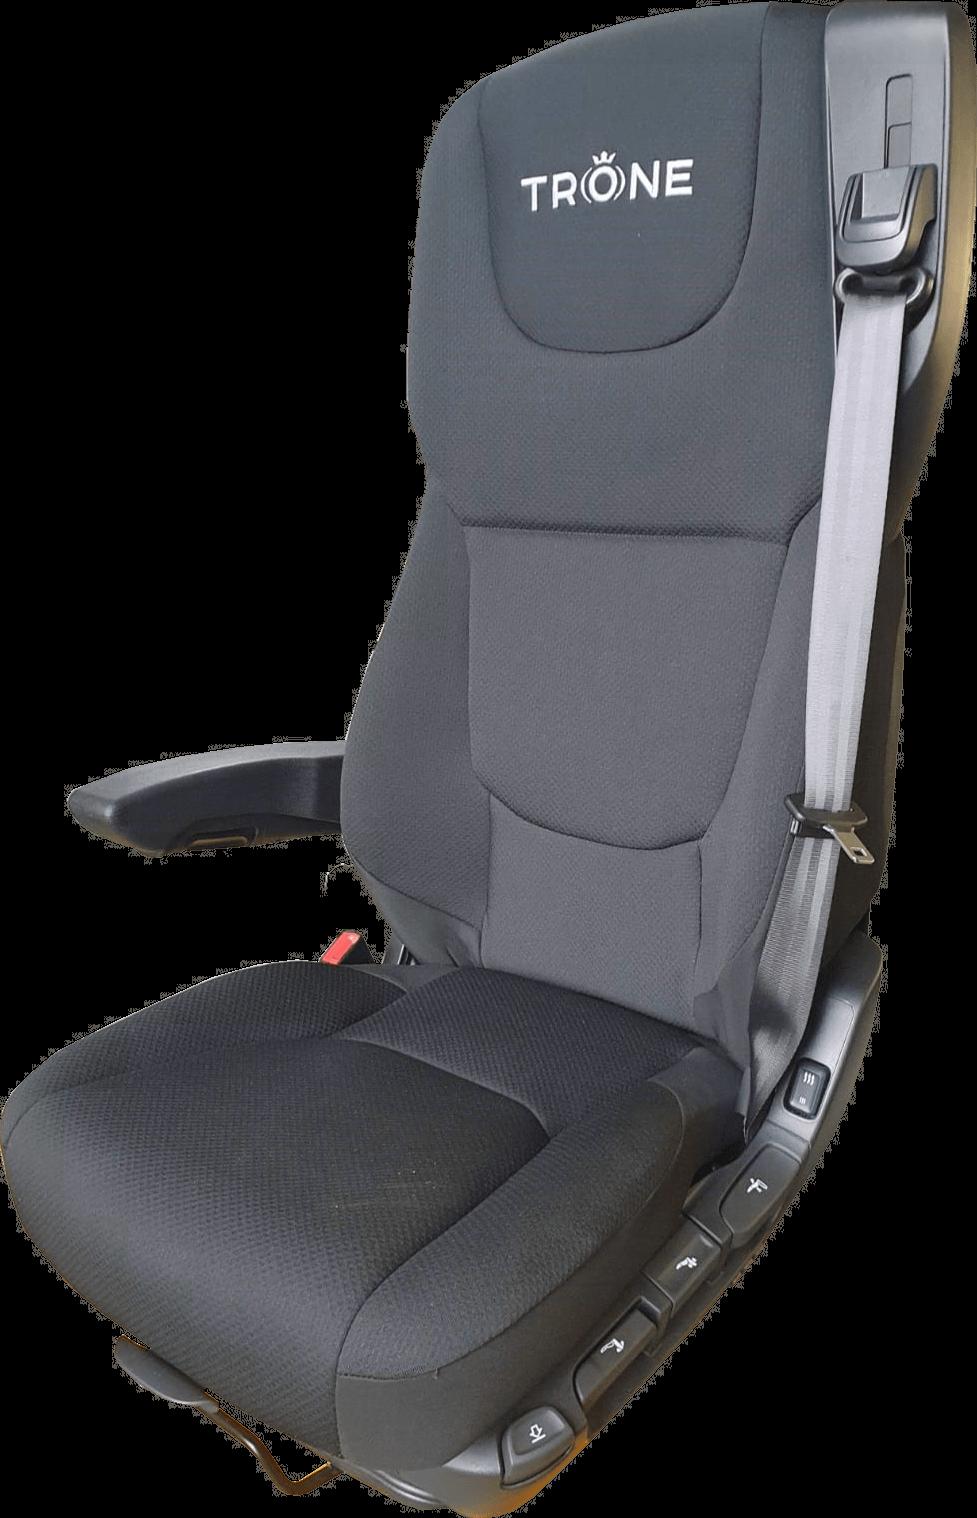 DAF-chauffeursstoel-upgrade-Trone